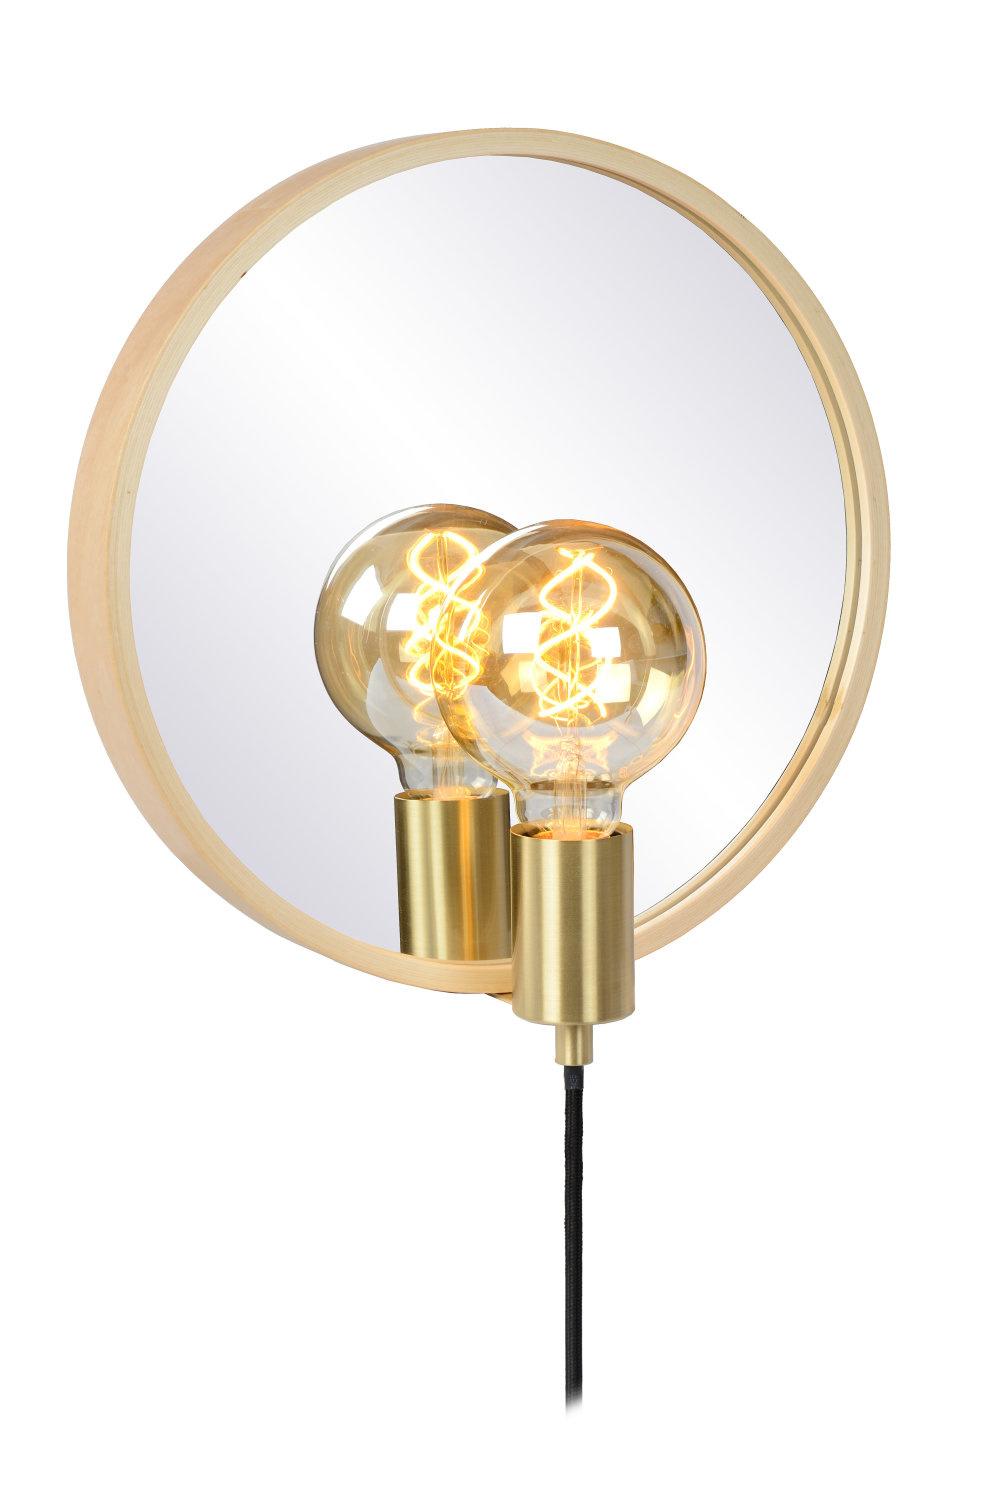 Lucide REFLEX Spiegellamp-Licht .-1xE27-25W-Hout